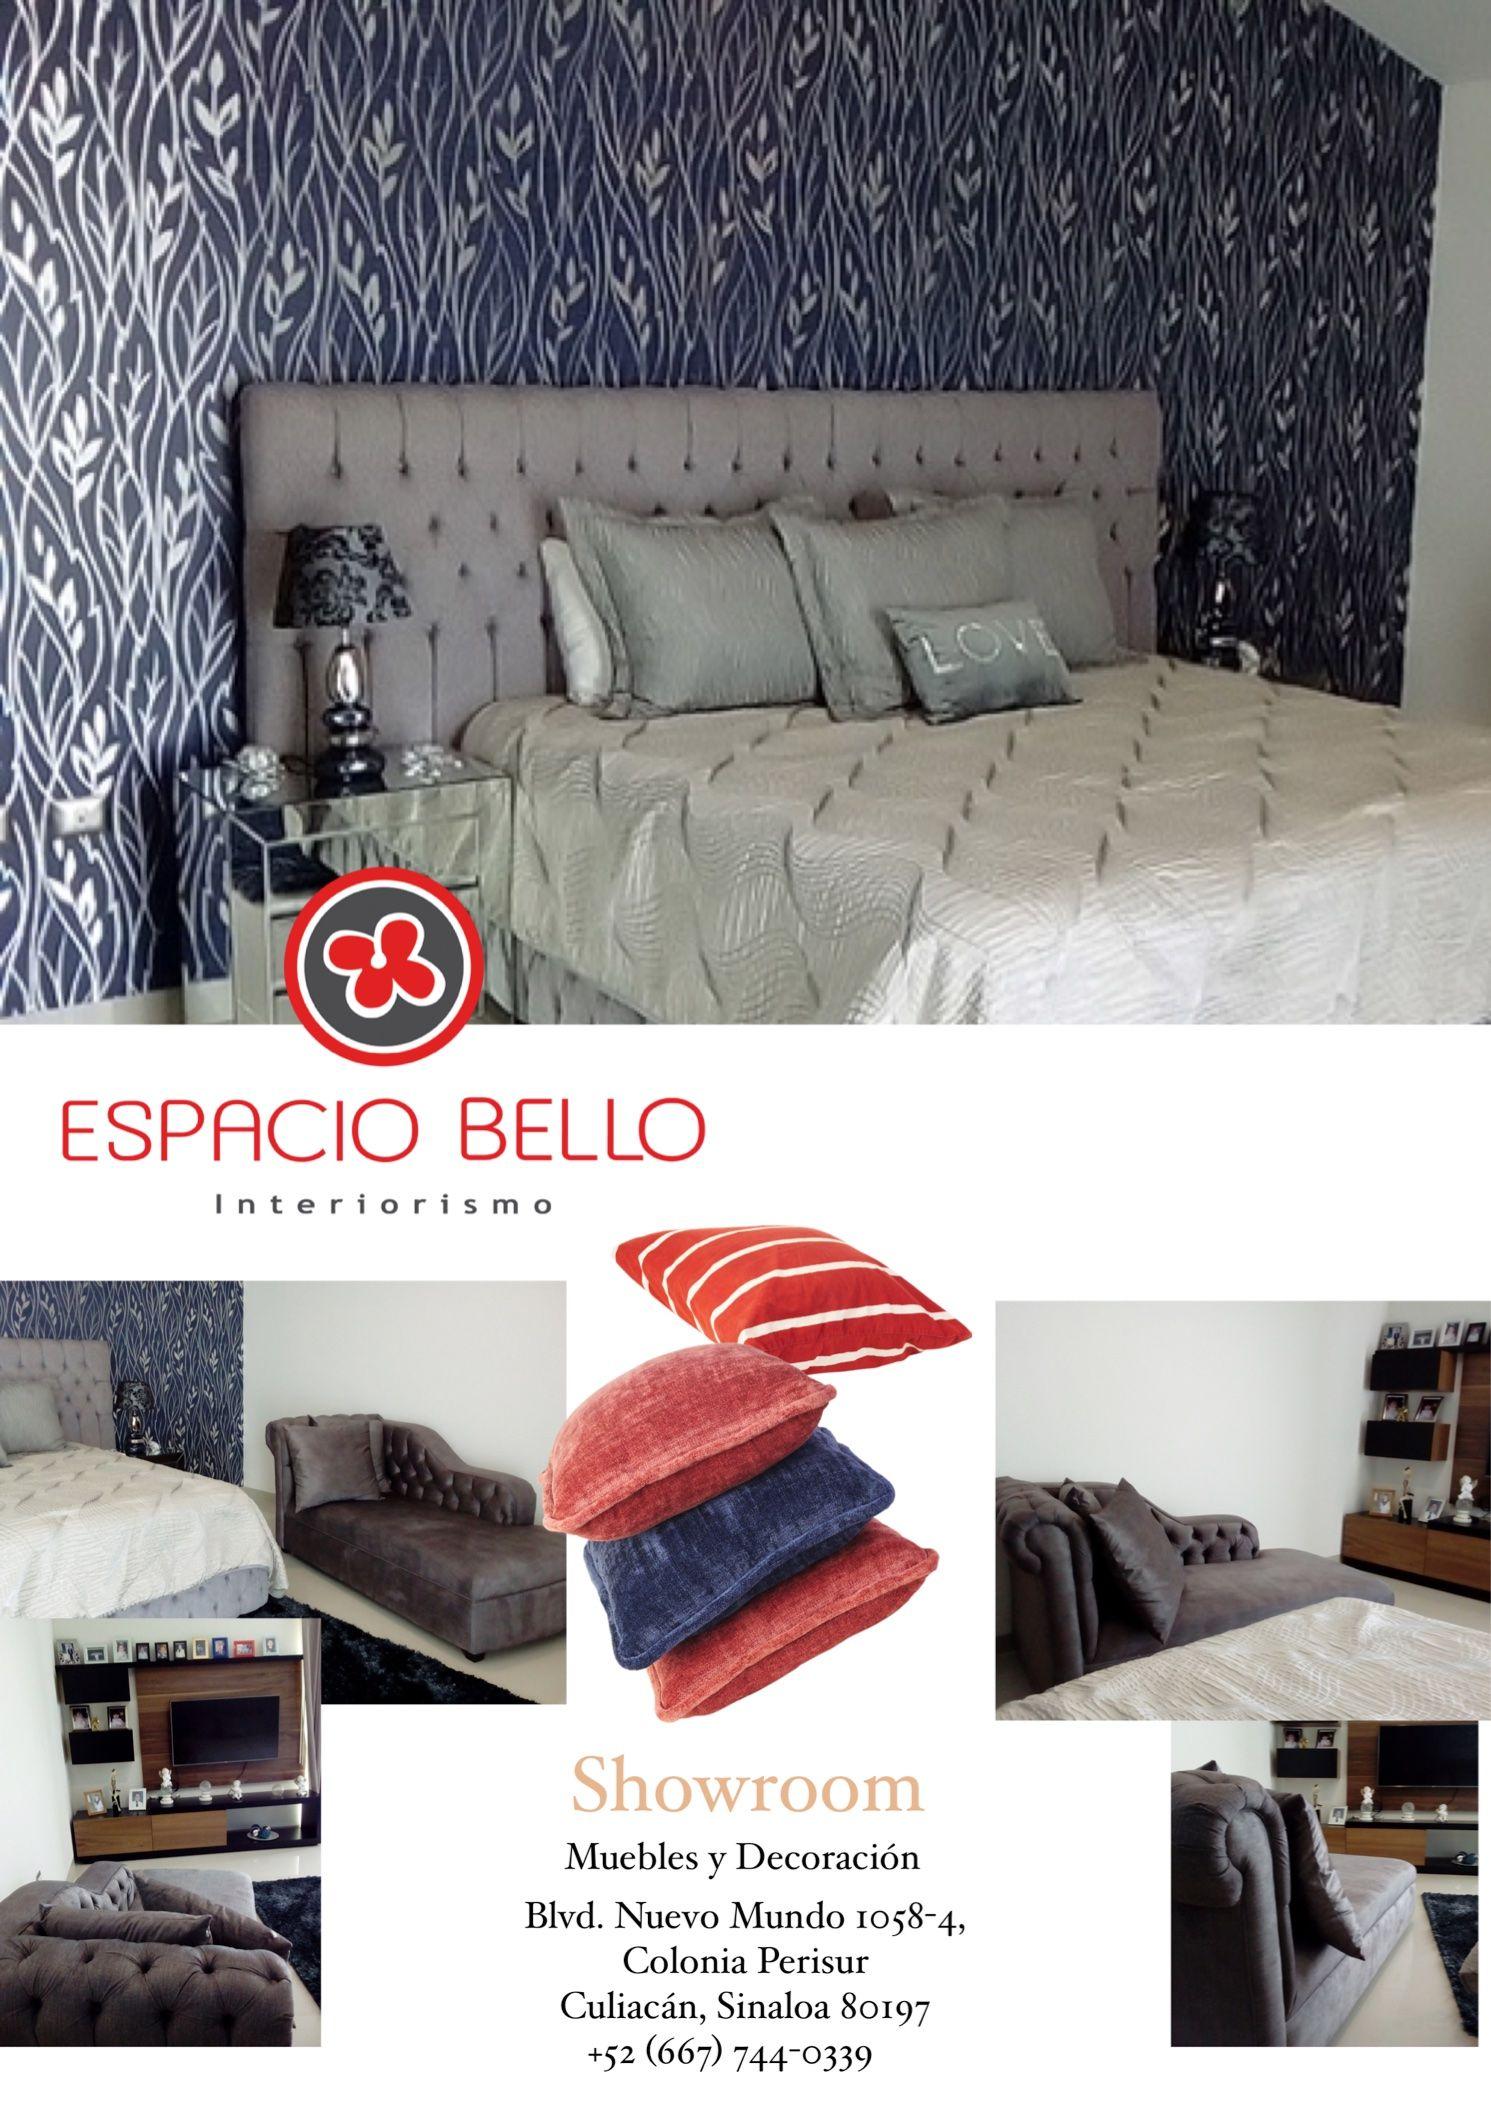 Muebles Nuevo Mundo - Espacio Bello Muebles E Interiorismo Blvd Nuevo Mundo 1058 4 [mjhdah]http://fotos.categoriageneral.com/fotos/2012/05/Fotos-e-imagenes-Los-muebles-mas-raros-del-mundo.jpg